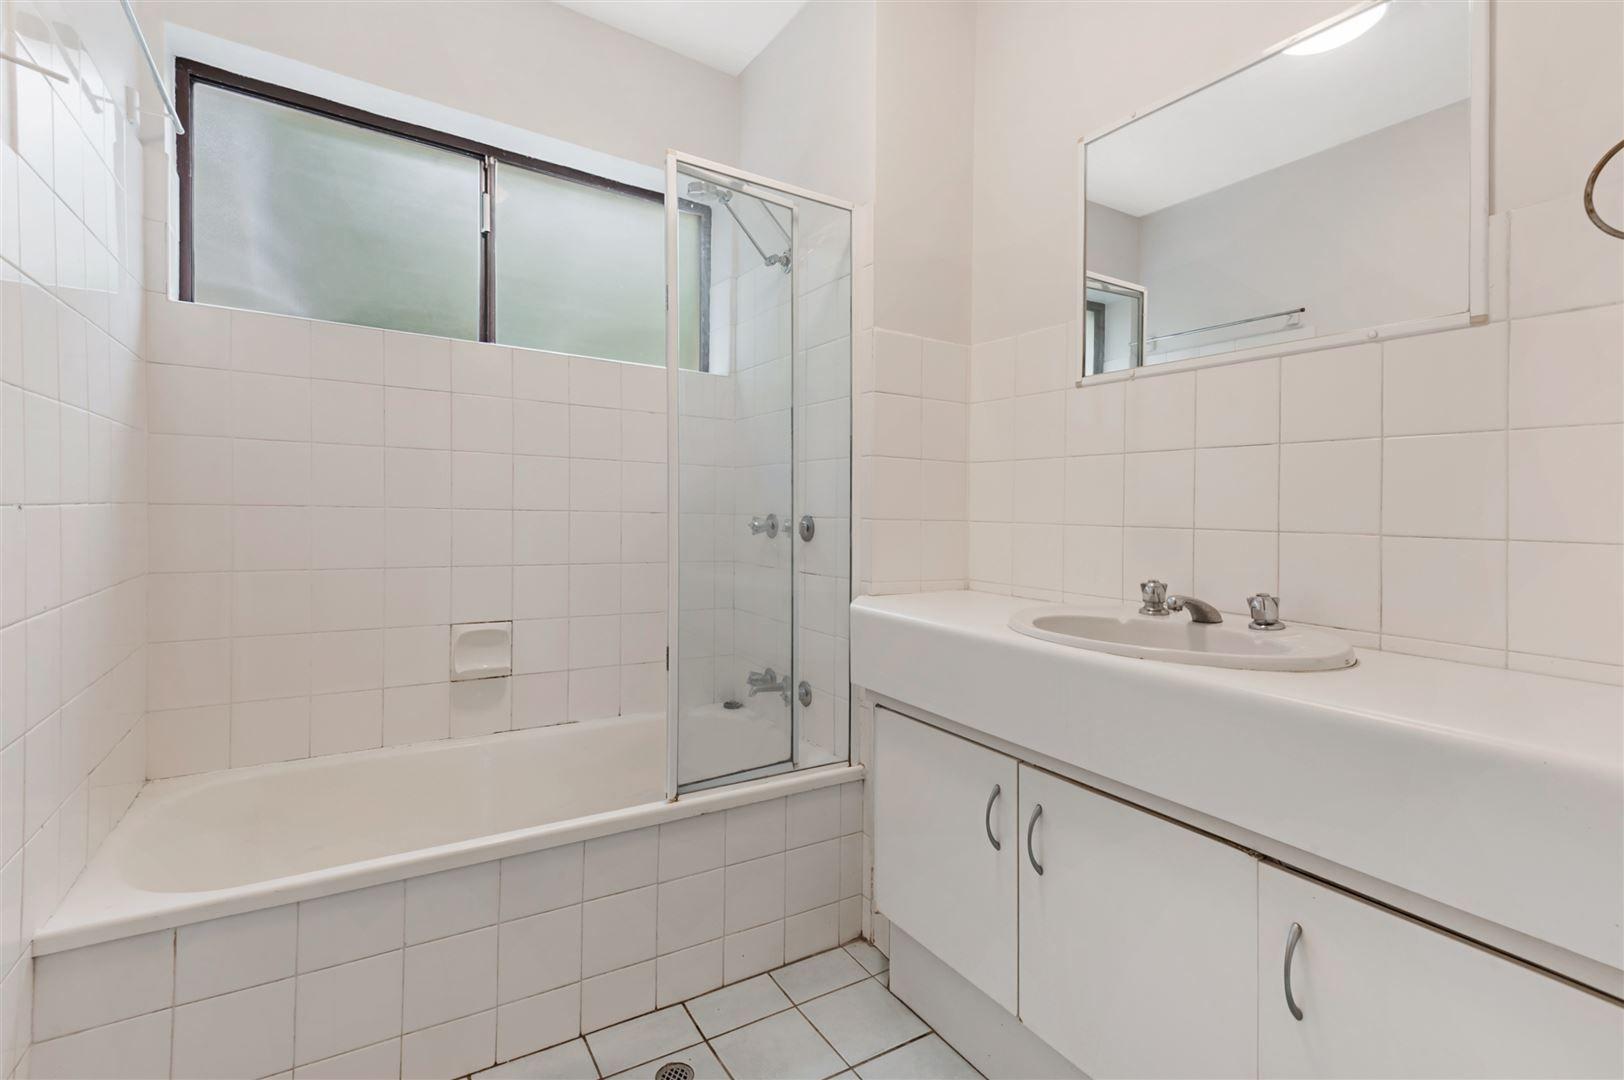 2/48 Elizabeth Street, Toowong QLD 4066, Image 2